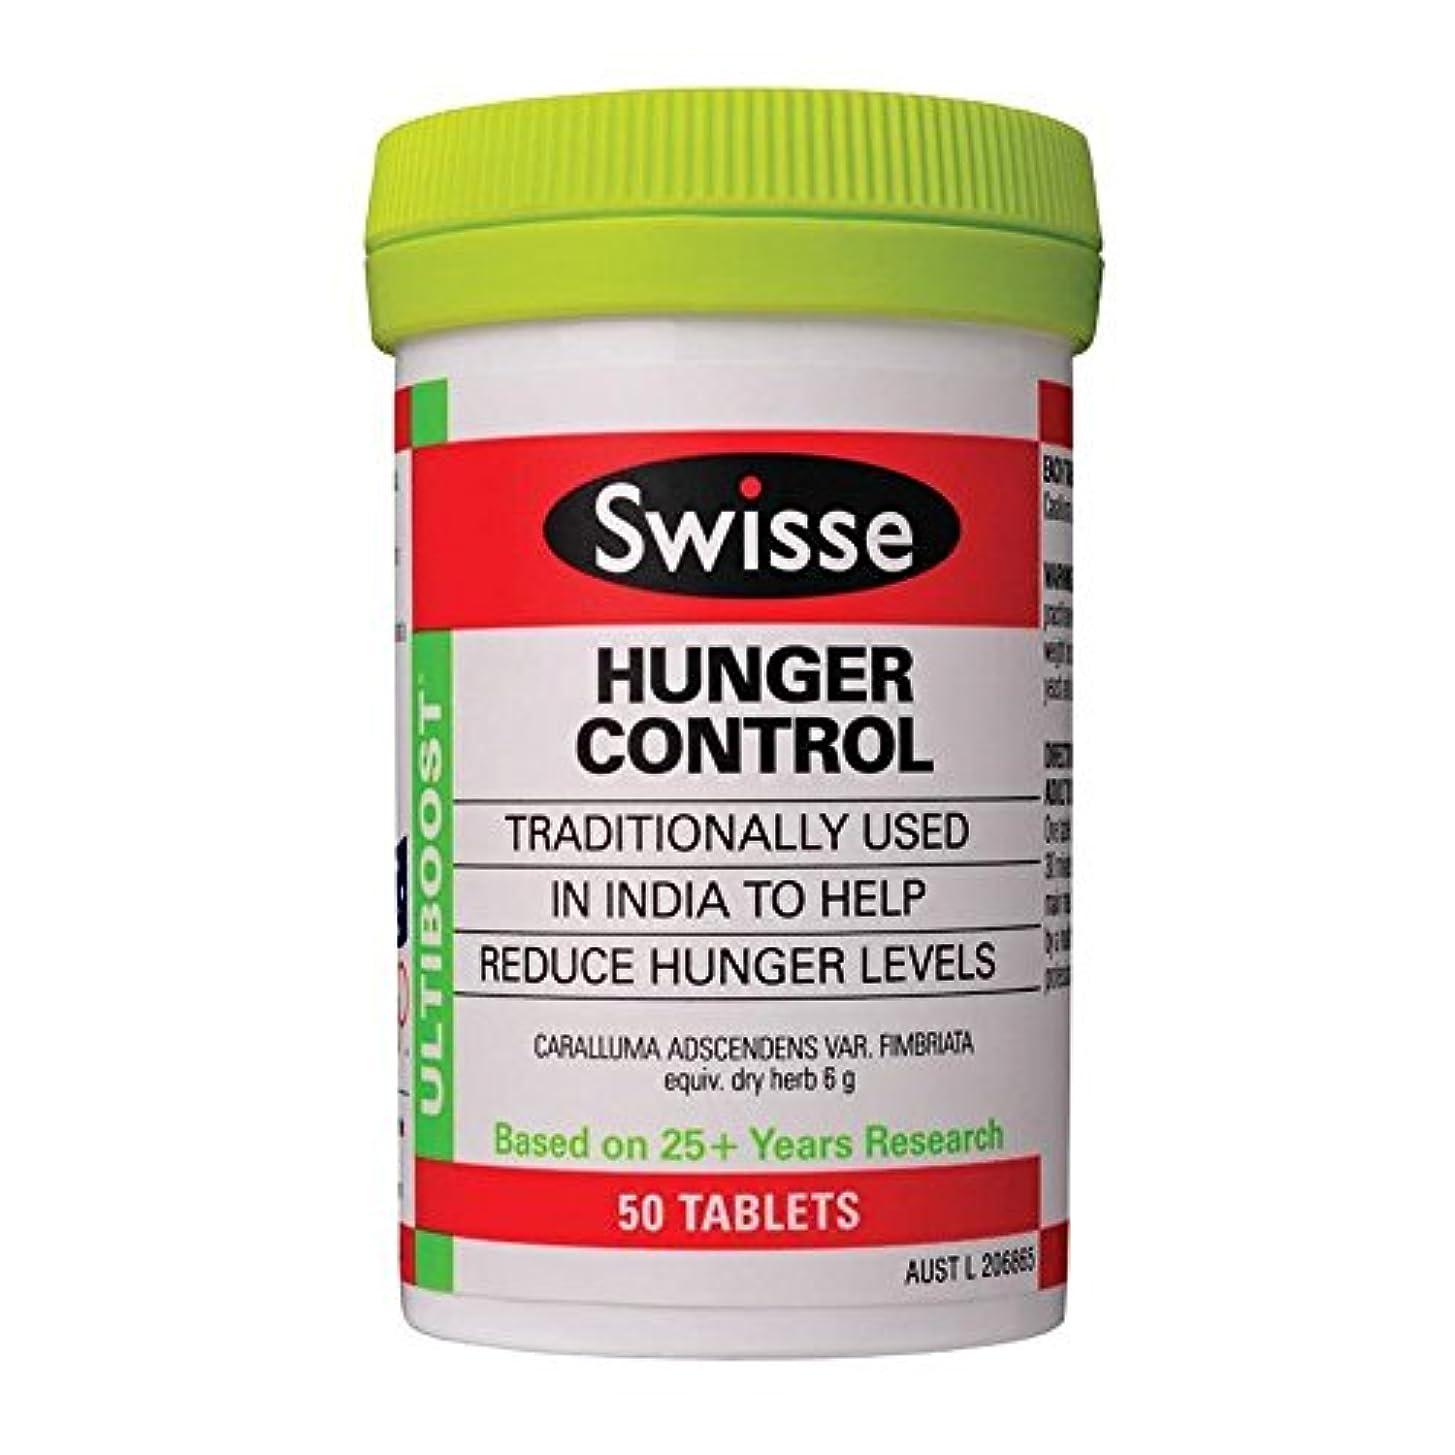 関連付けるシルク安息Swisse アルティブーストハンガーコントロール 50粒